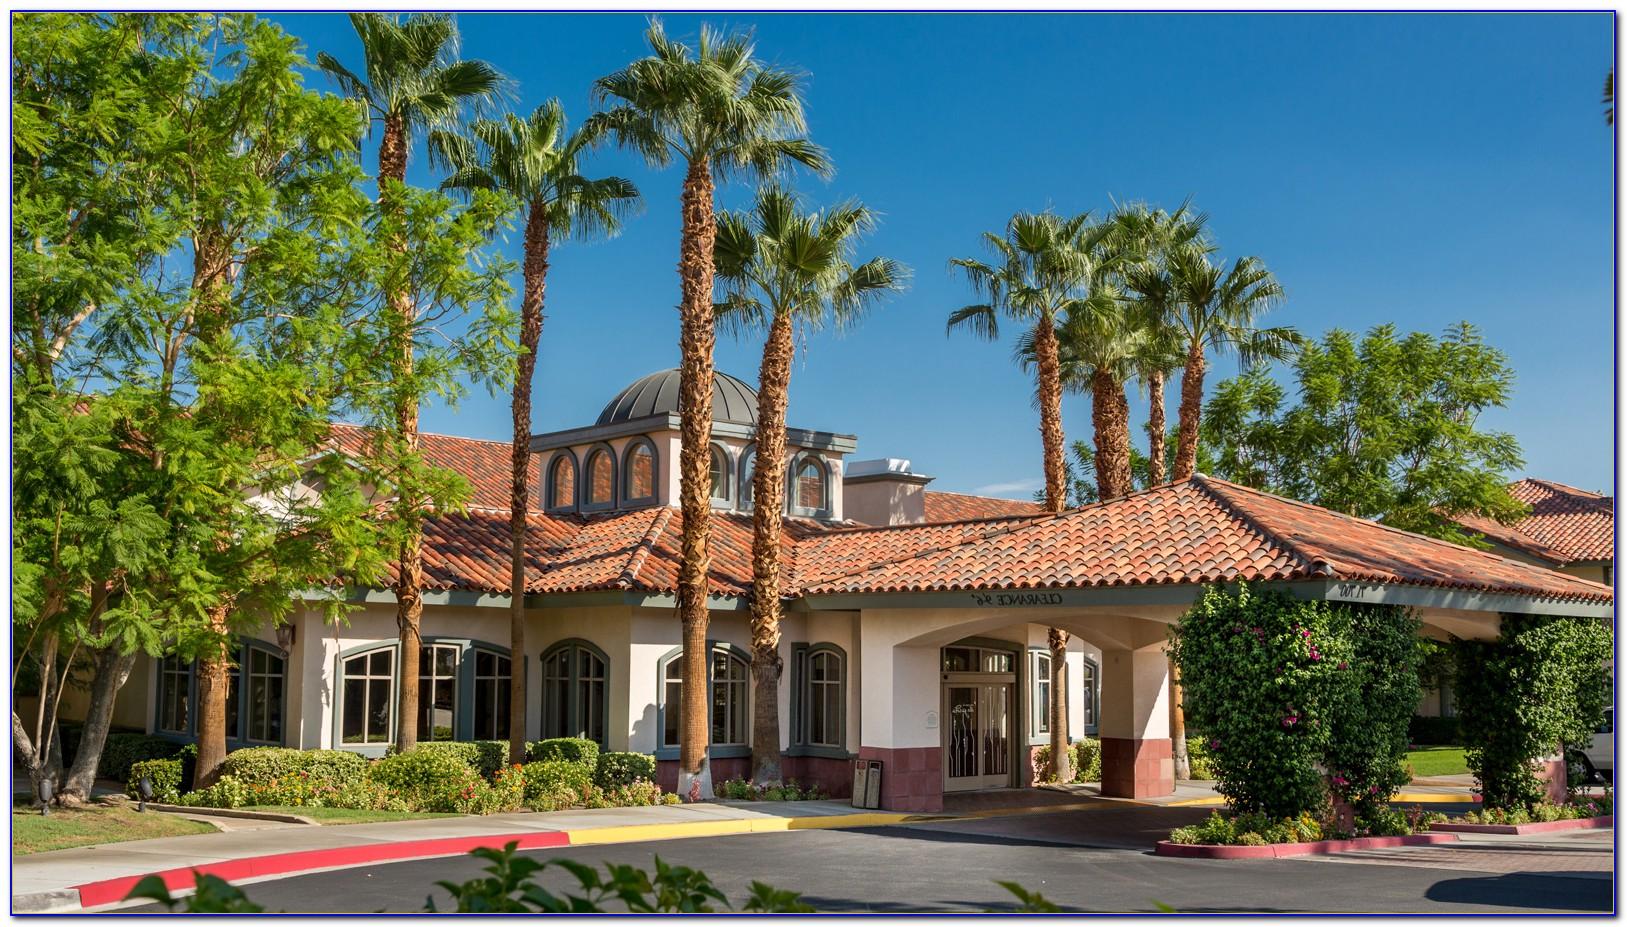 hilton garden inn rancho mirage ca 92270 - Hilton Garden Inn Rancho Mirage